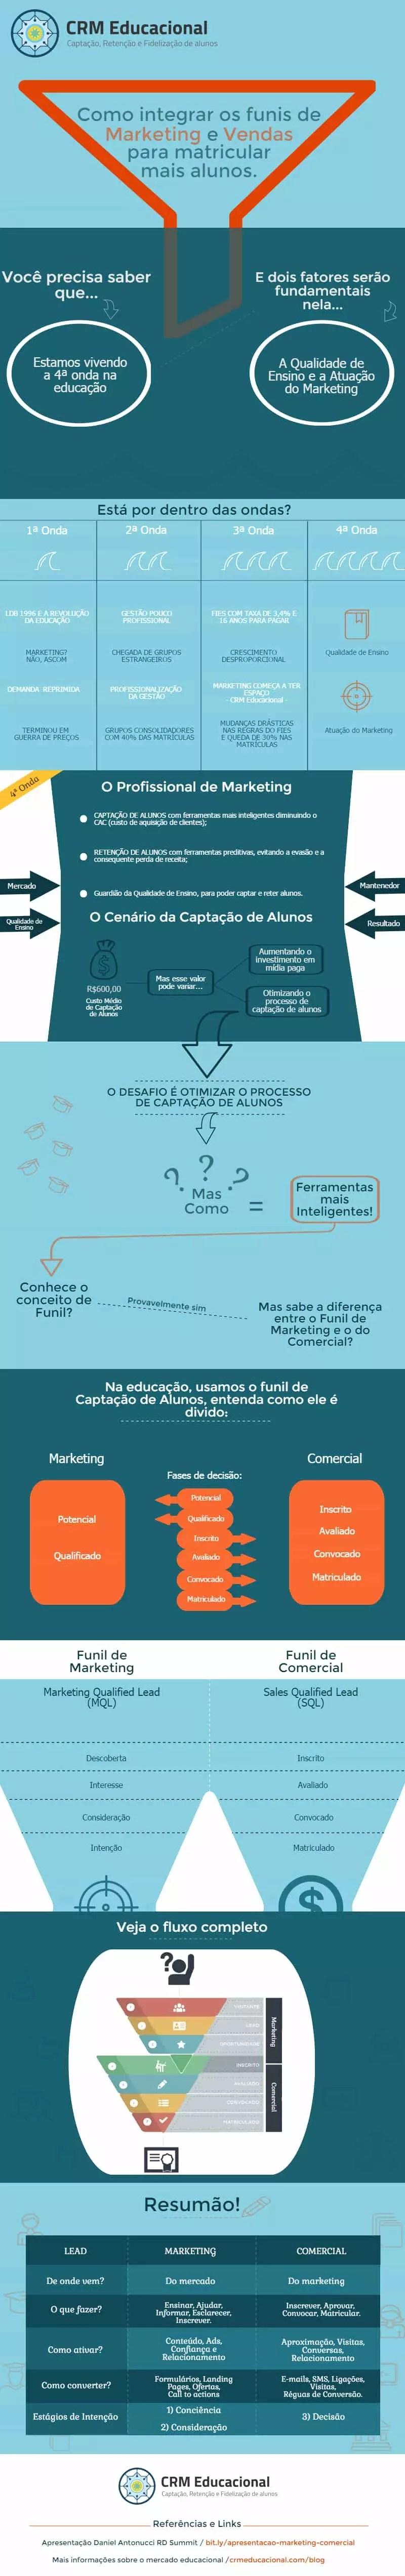 ensino superior brasileiro funis de marketing e vendas